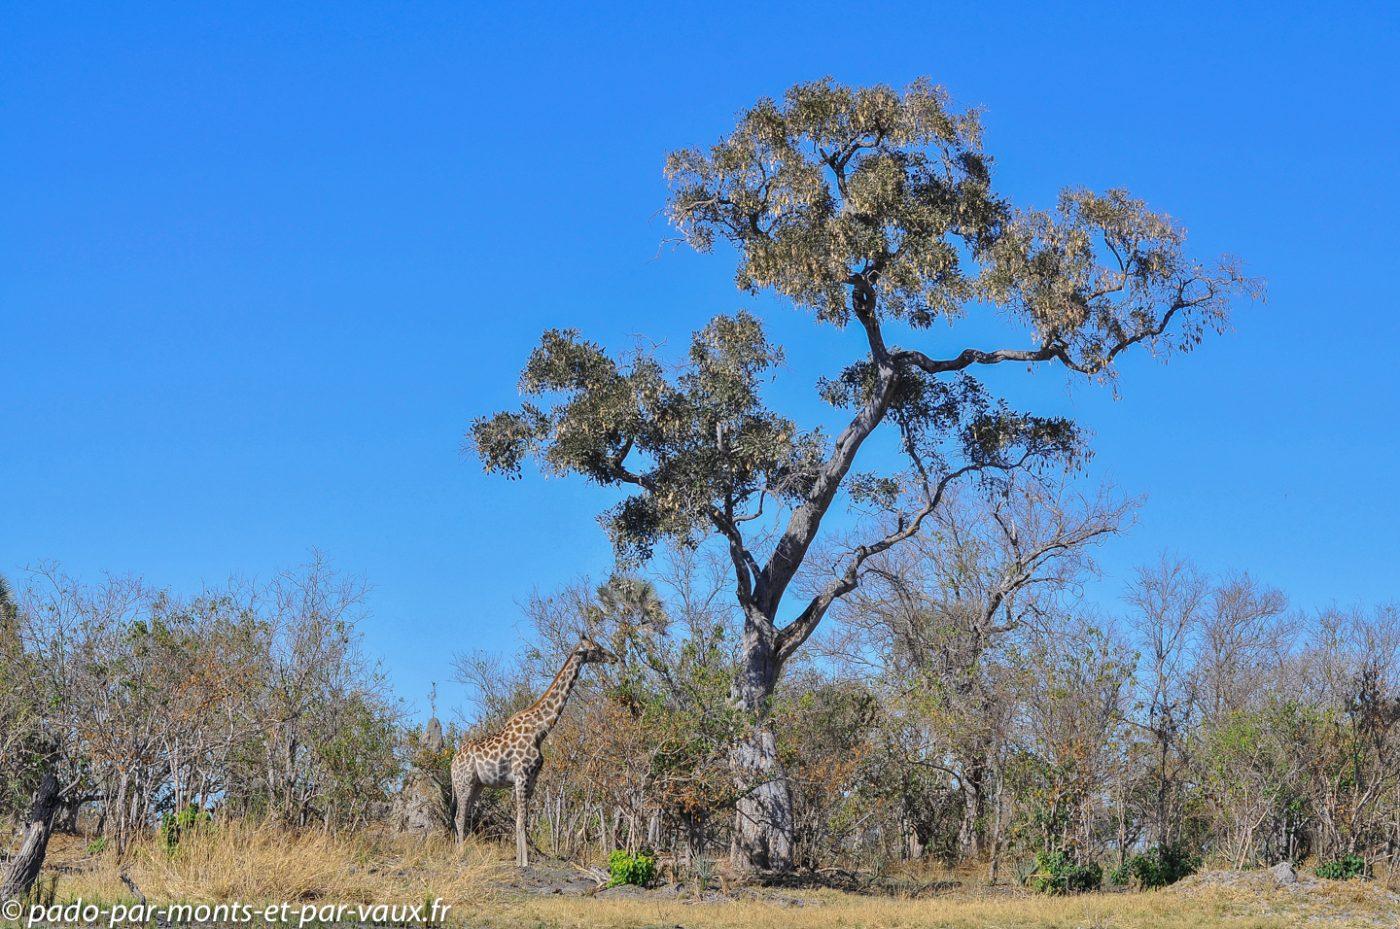 Botswana 2013 - Gunns camp - Girafe